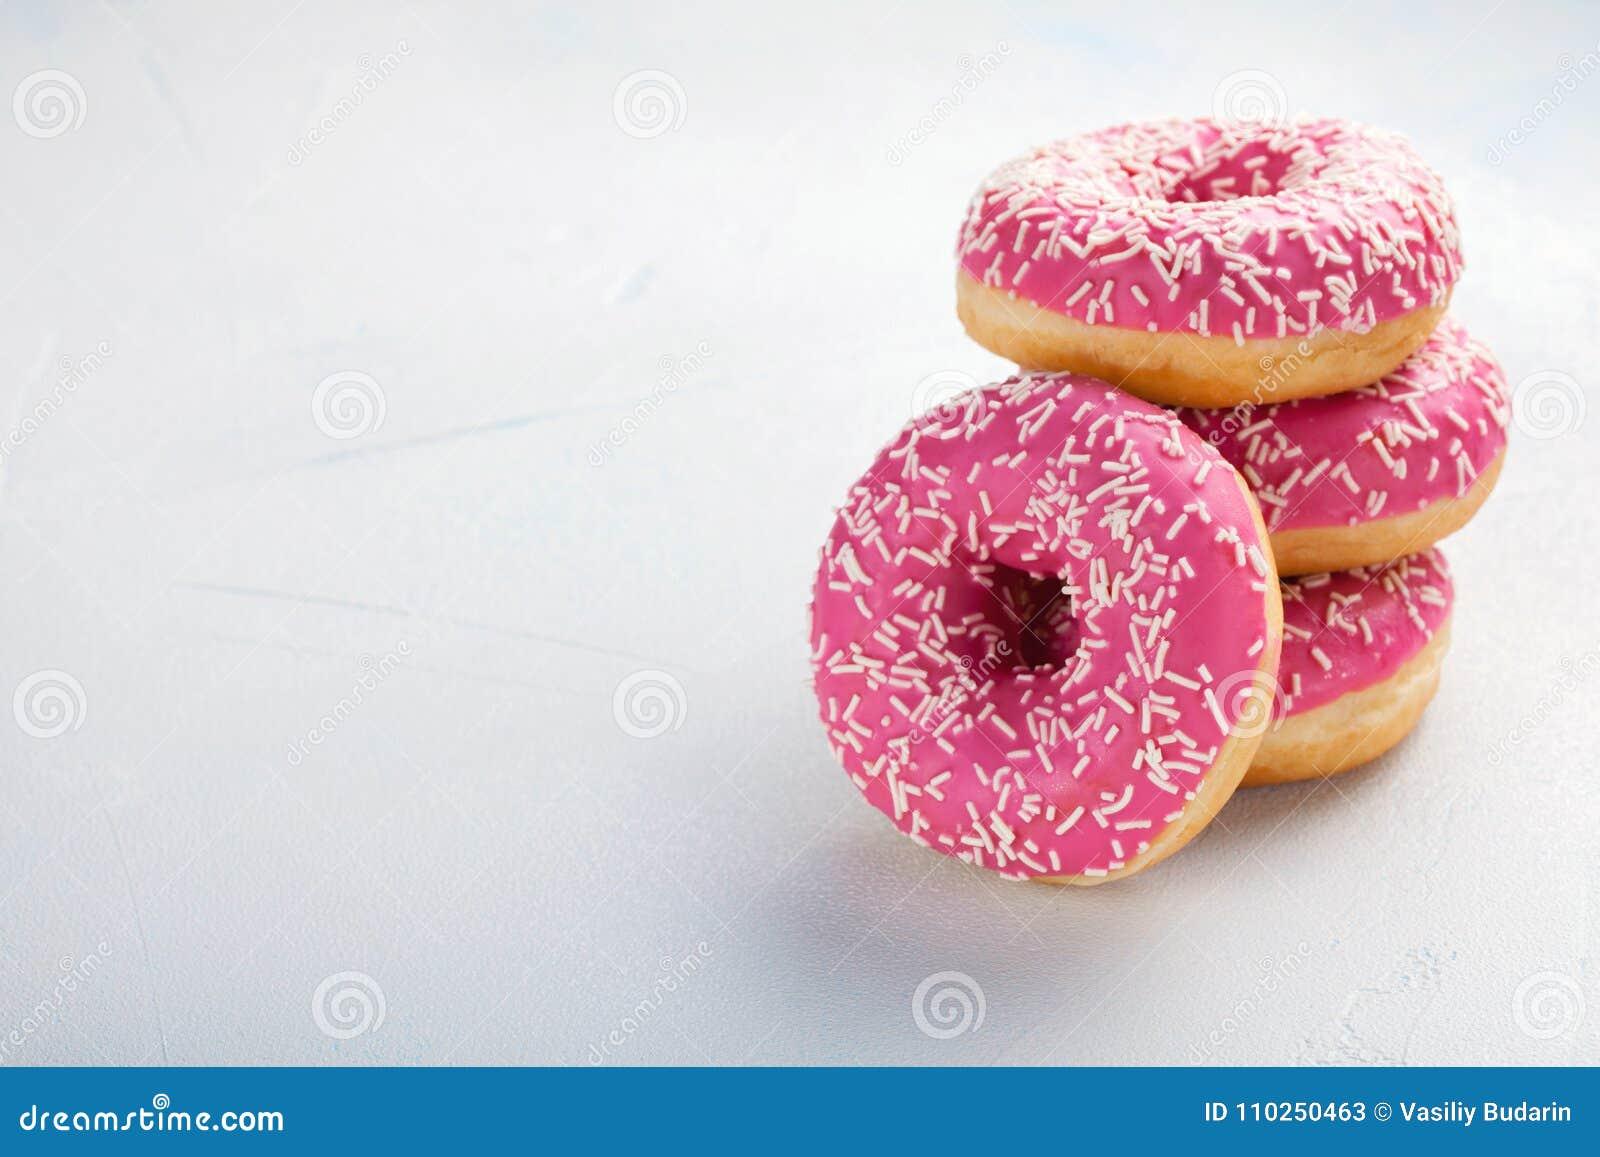 Doughnut Het zoete voedsel van de suikerglazuursuiker Dessert kleurrijke snack Behandel van heerlijke de Bakkerijcake van het geb